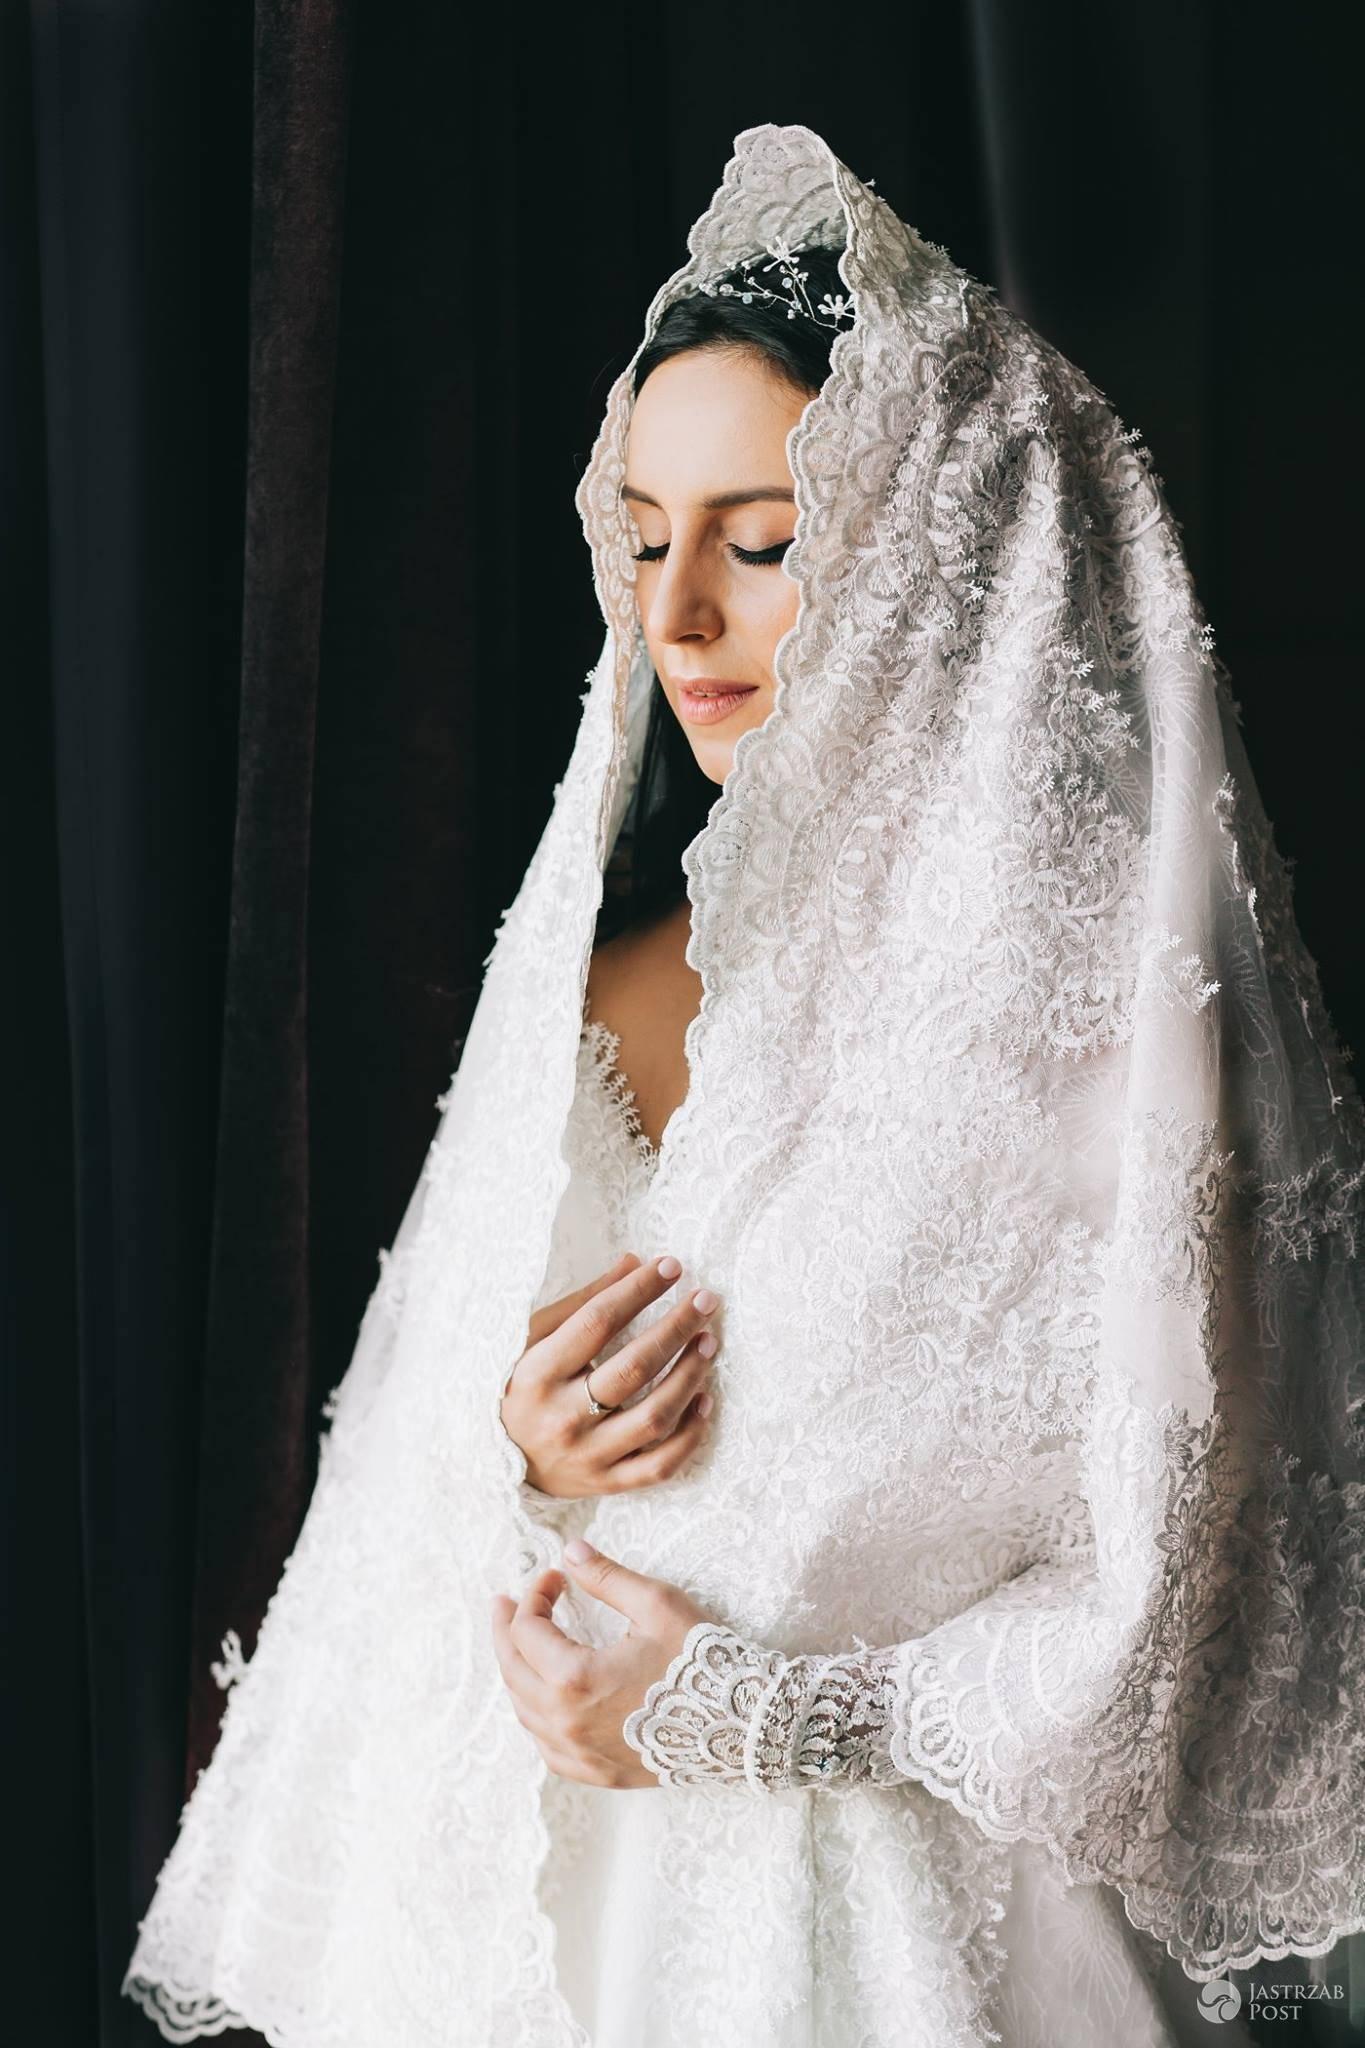 Ukraińska piosenkarka, Jamala, już po ślubie